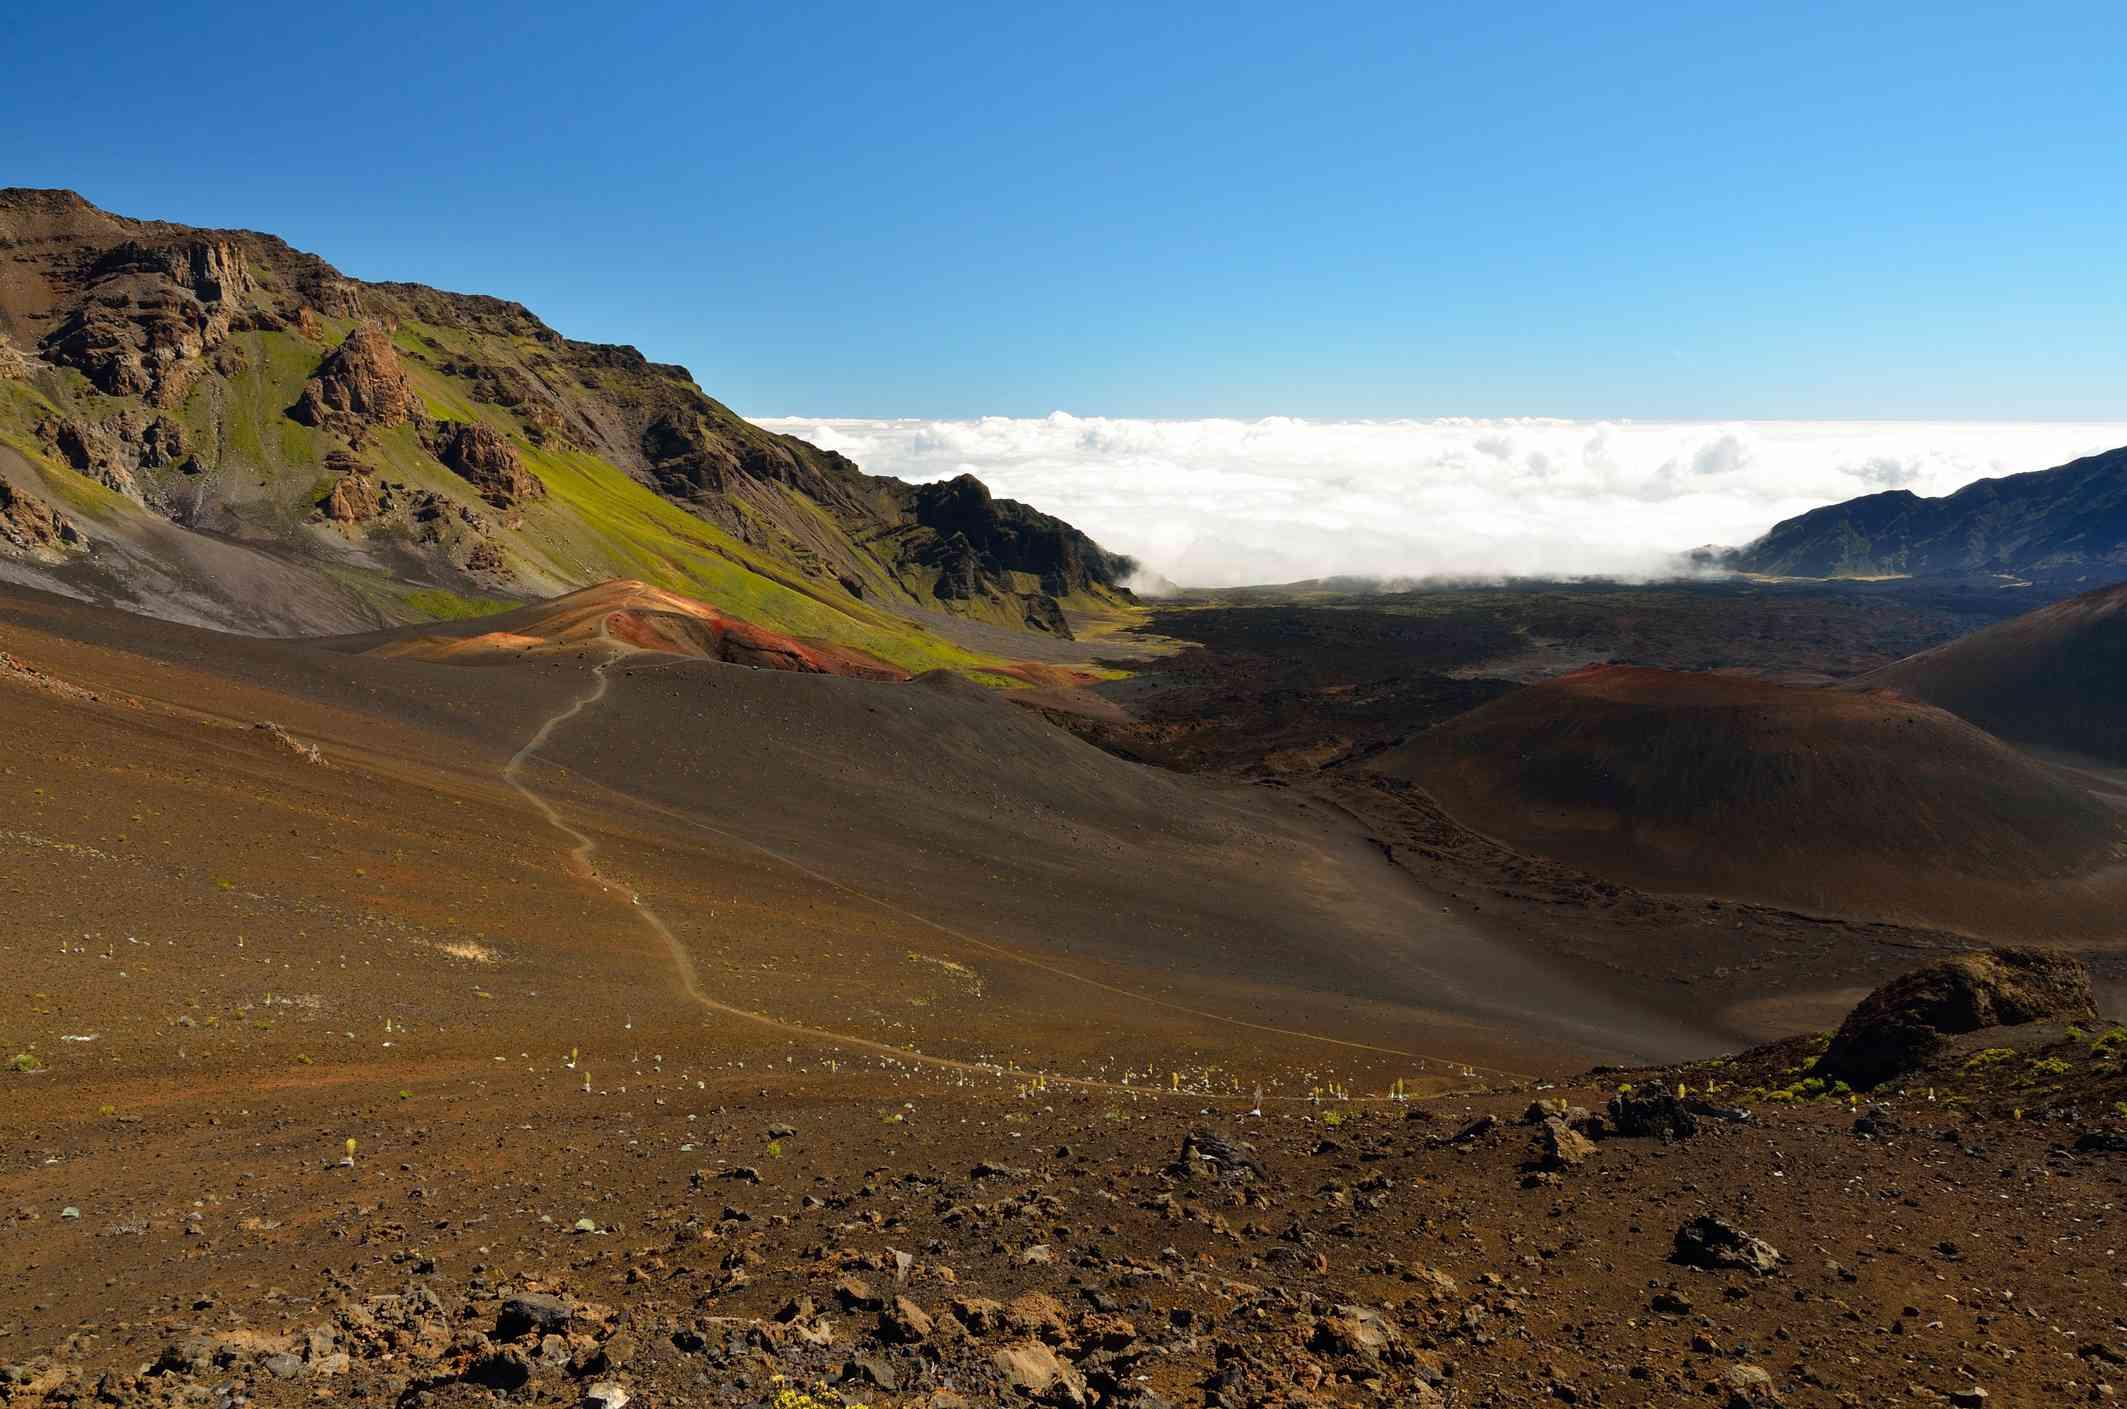 A section of Sliding Sands Trail inside Haleakala Crater